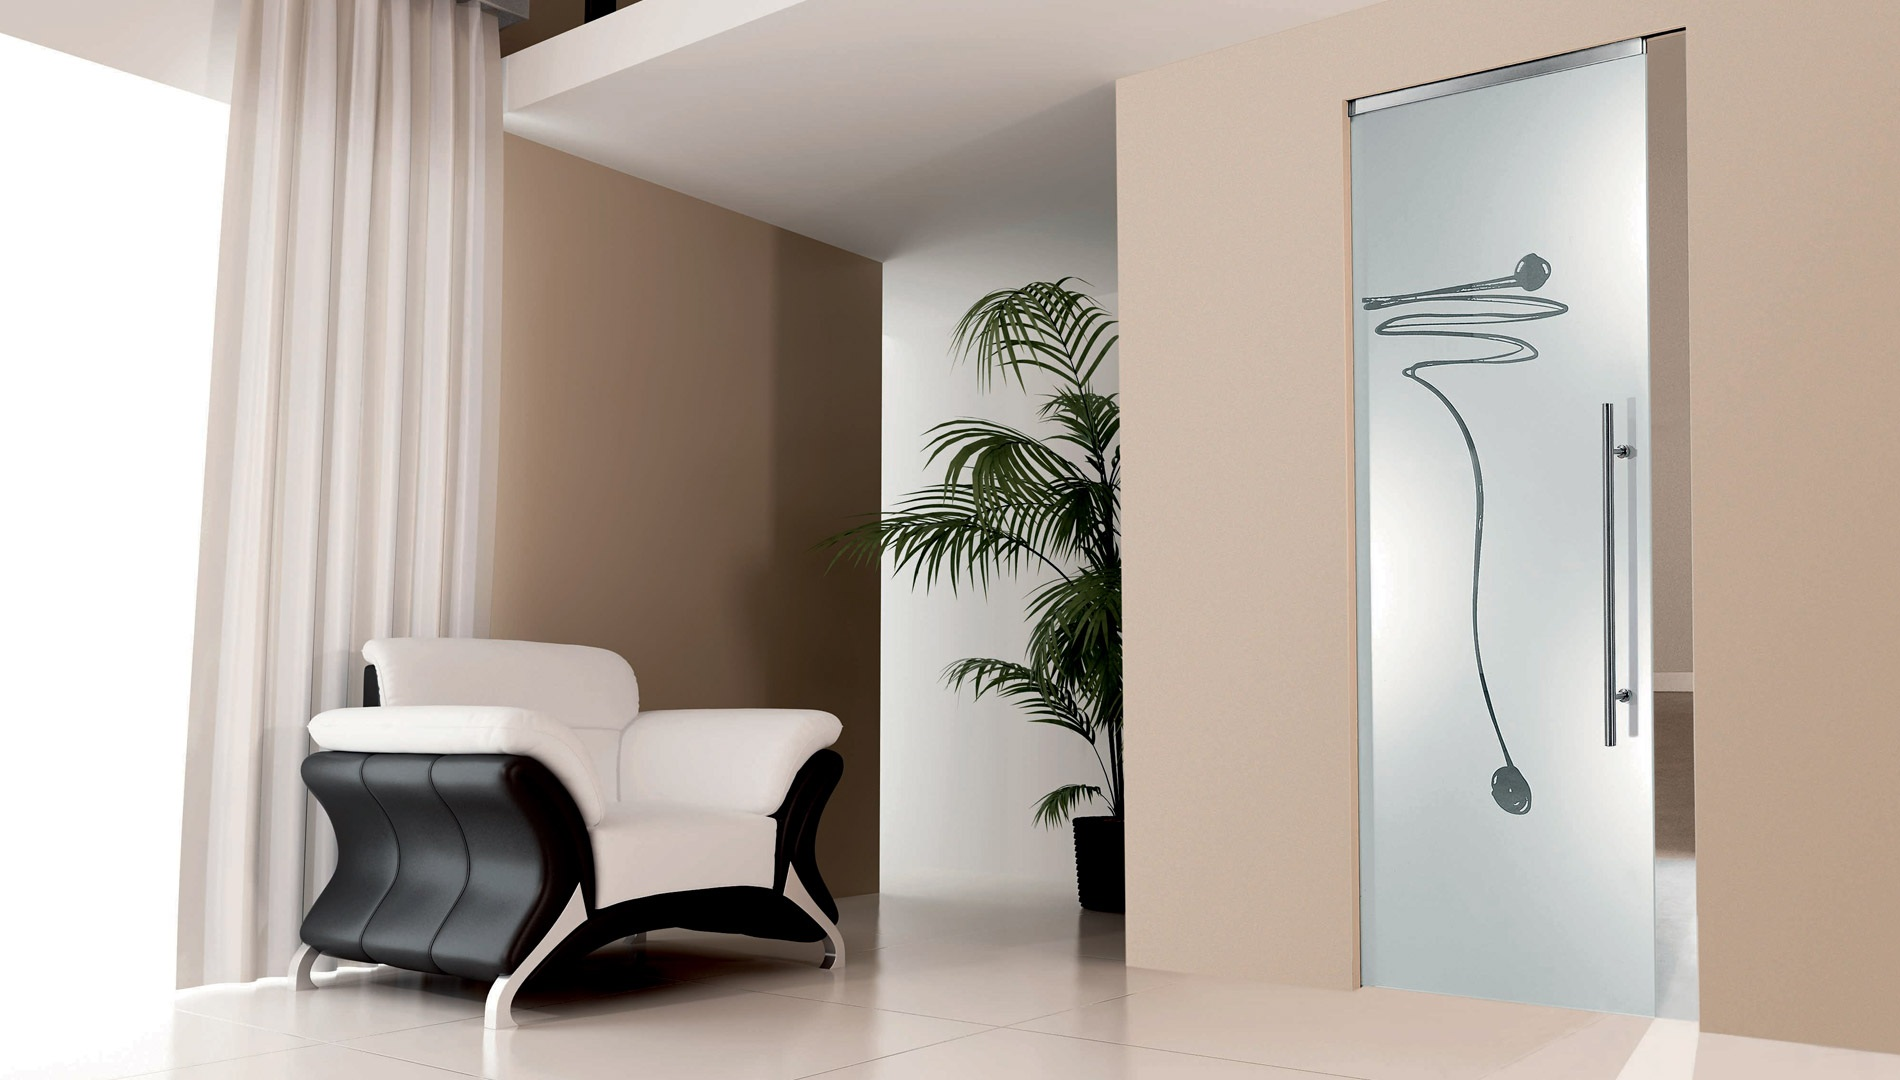 Porte di design dalle soluzioni estetiche innovative for Porta scorrevole a scomparsa